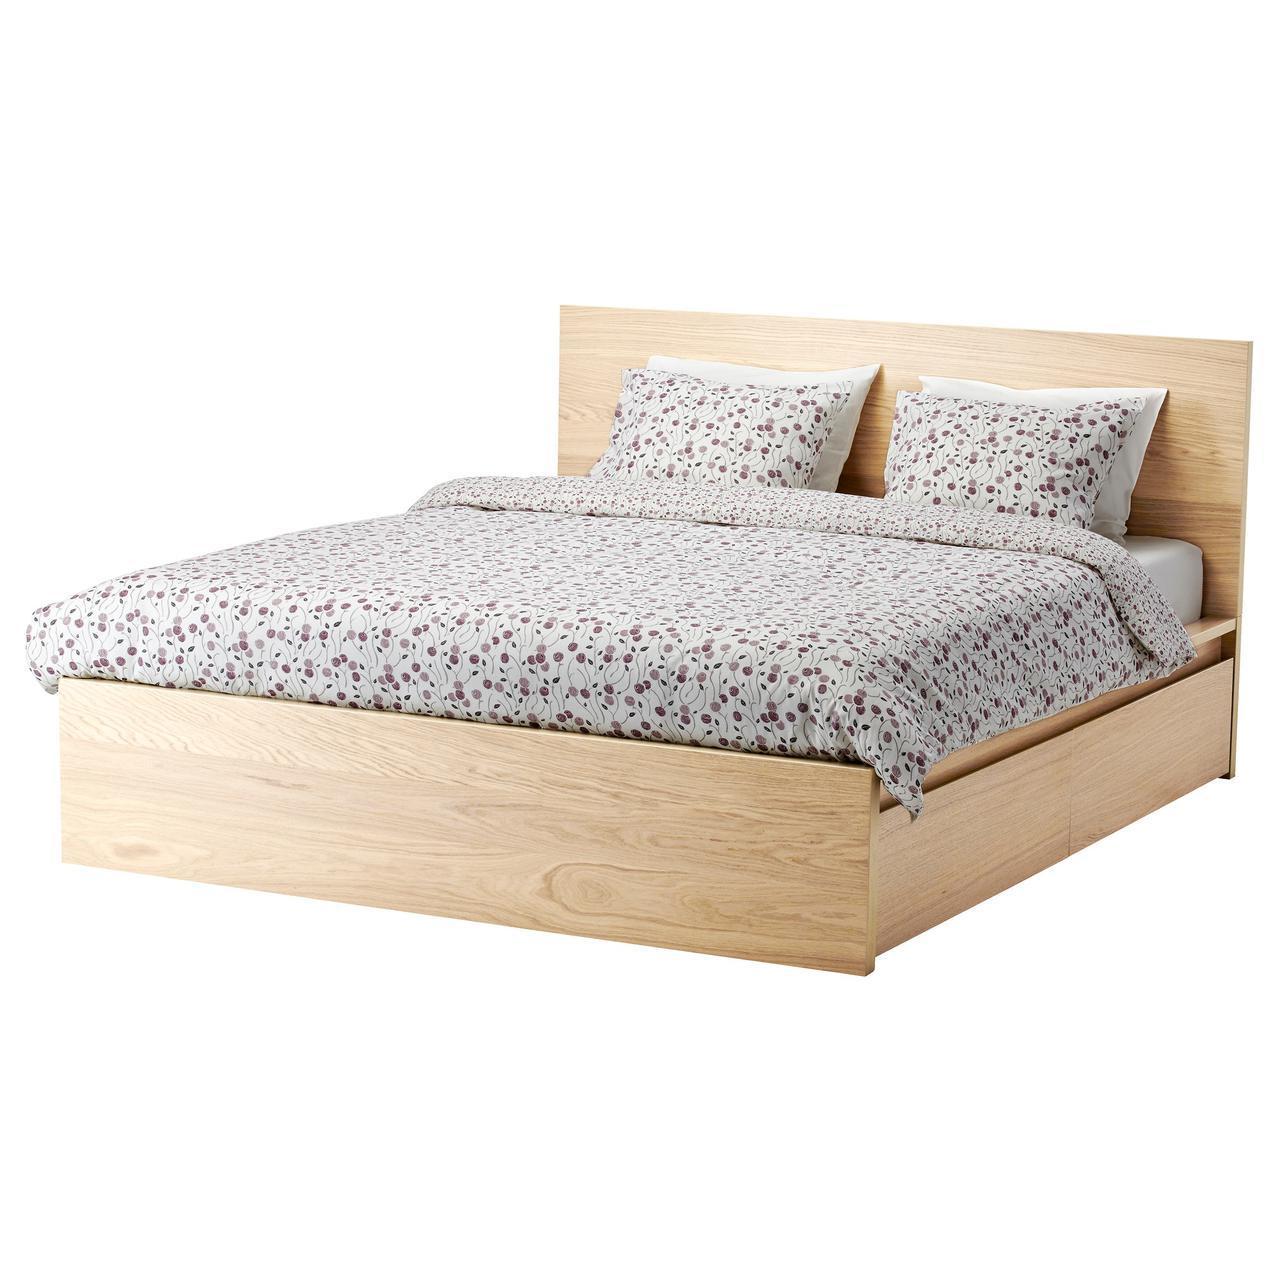 IKEA MALM (591.764.84) Кровать, высокая, 2 контейнера, белый витраж, Luroy